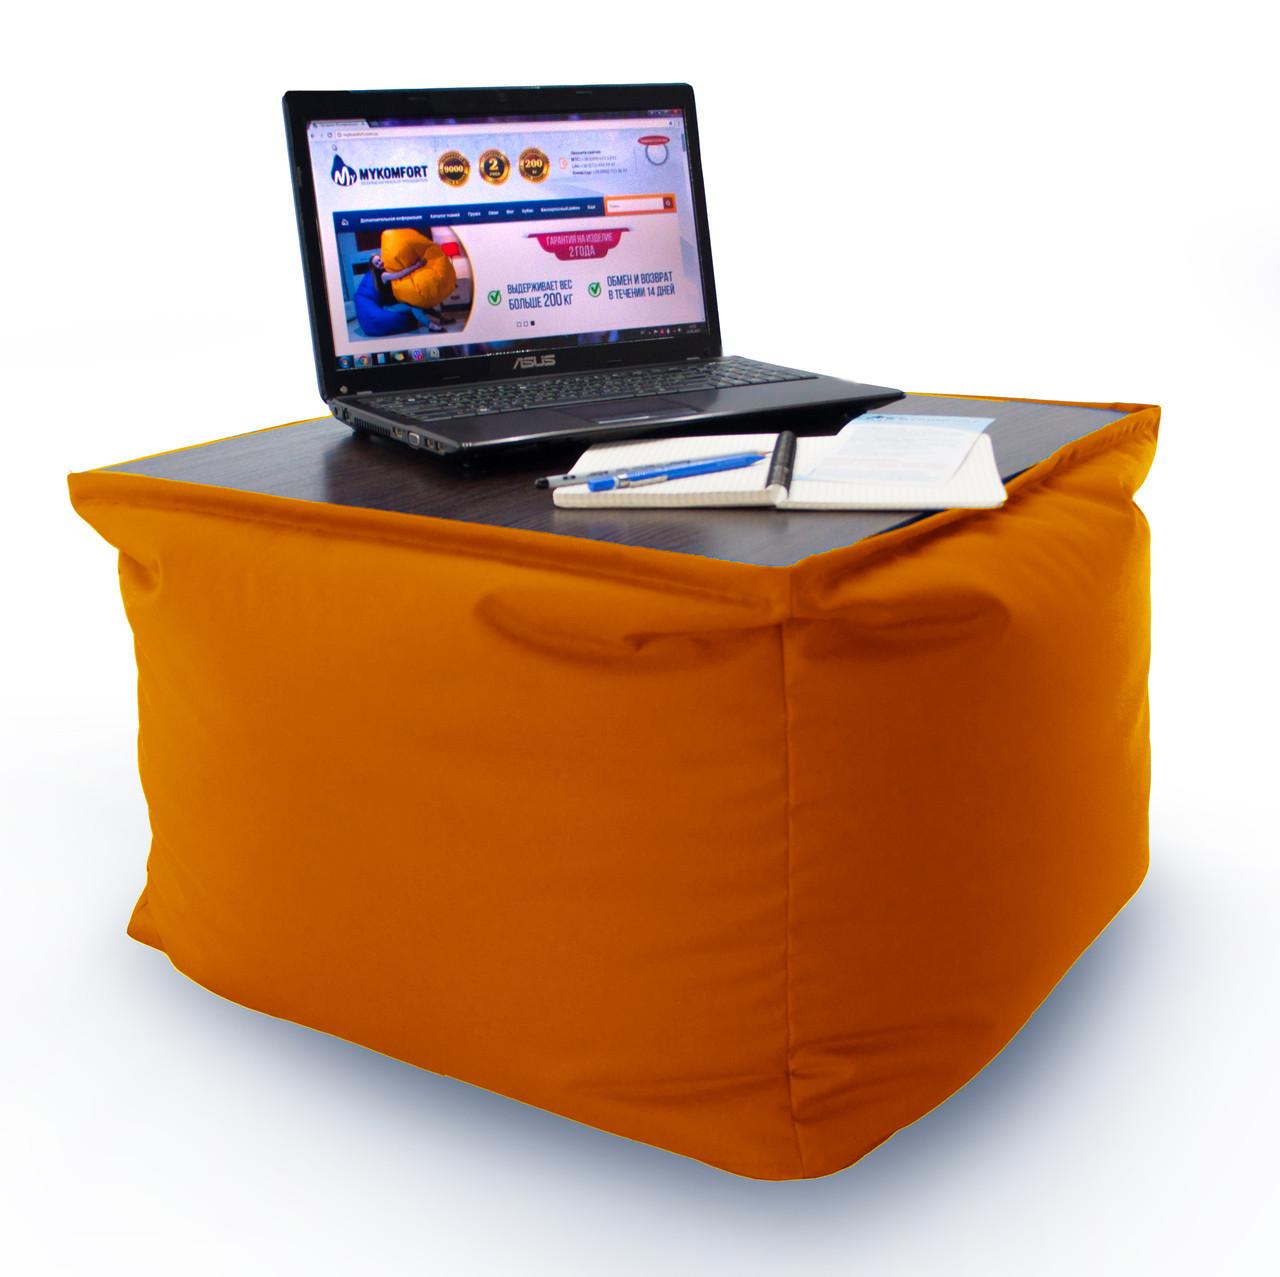 Кресло мешок, журнальный столик, бескаркасный столик. Оксфорд 45 см. С дополнительным чехлом